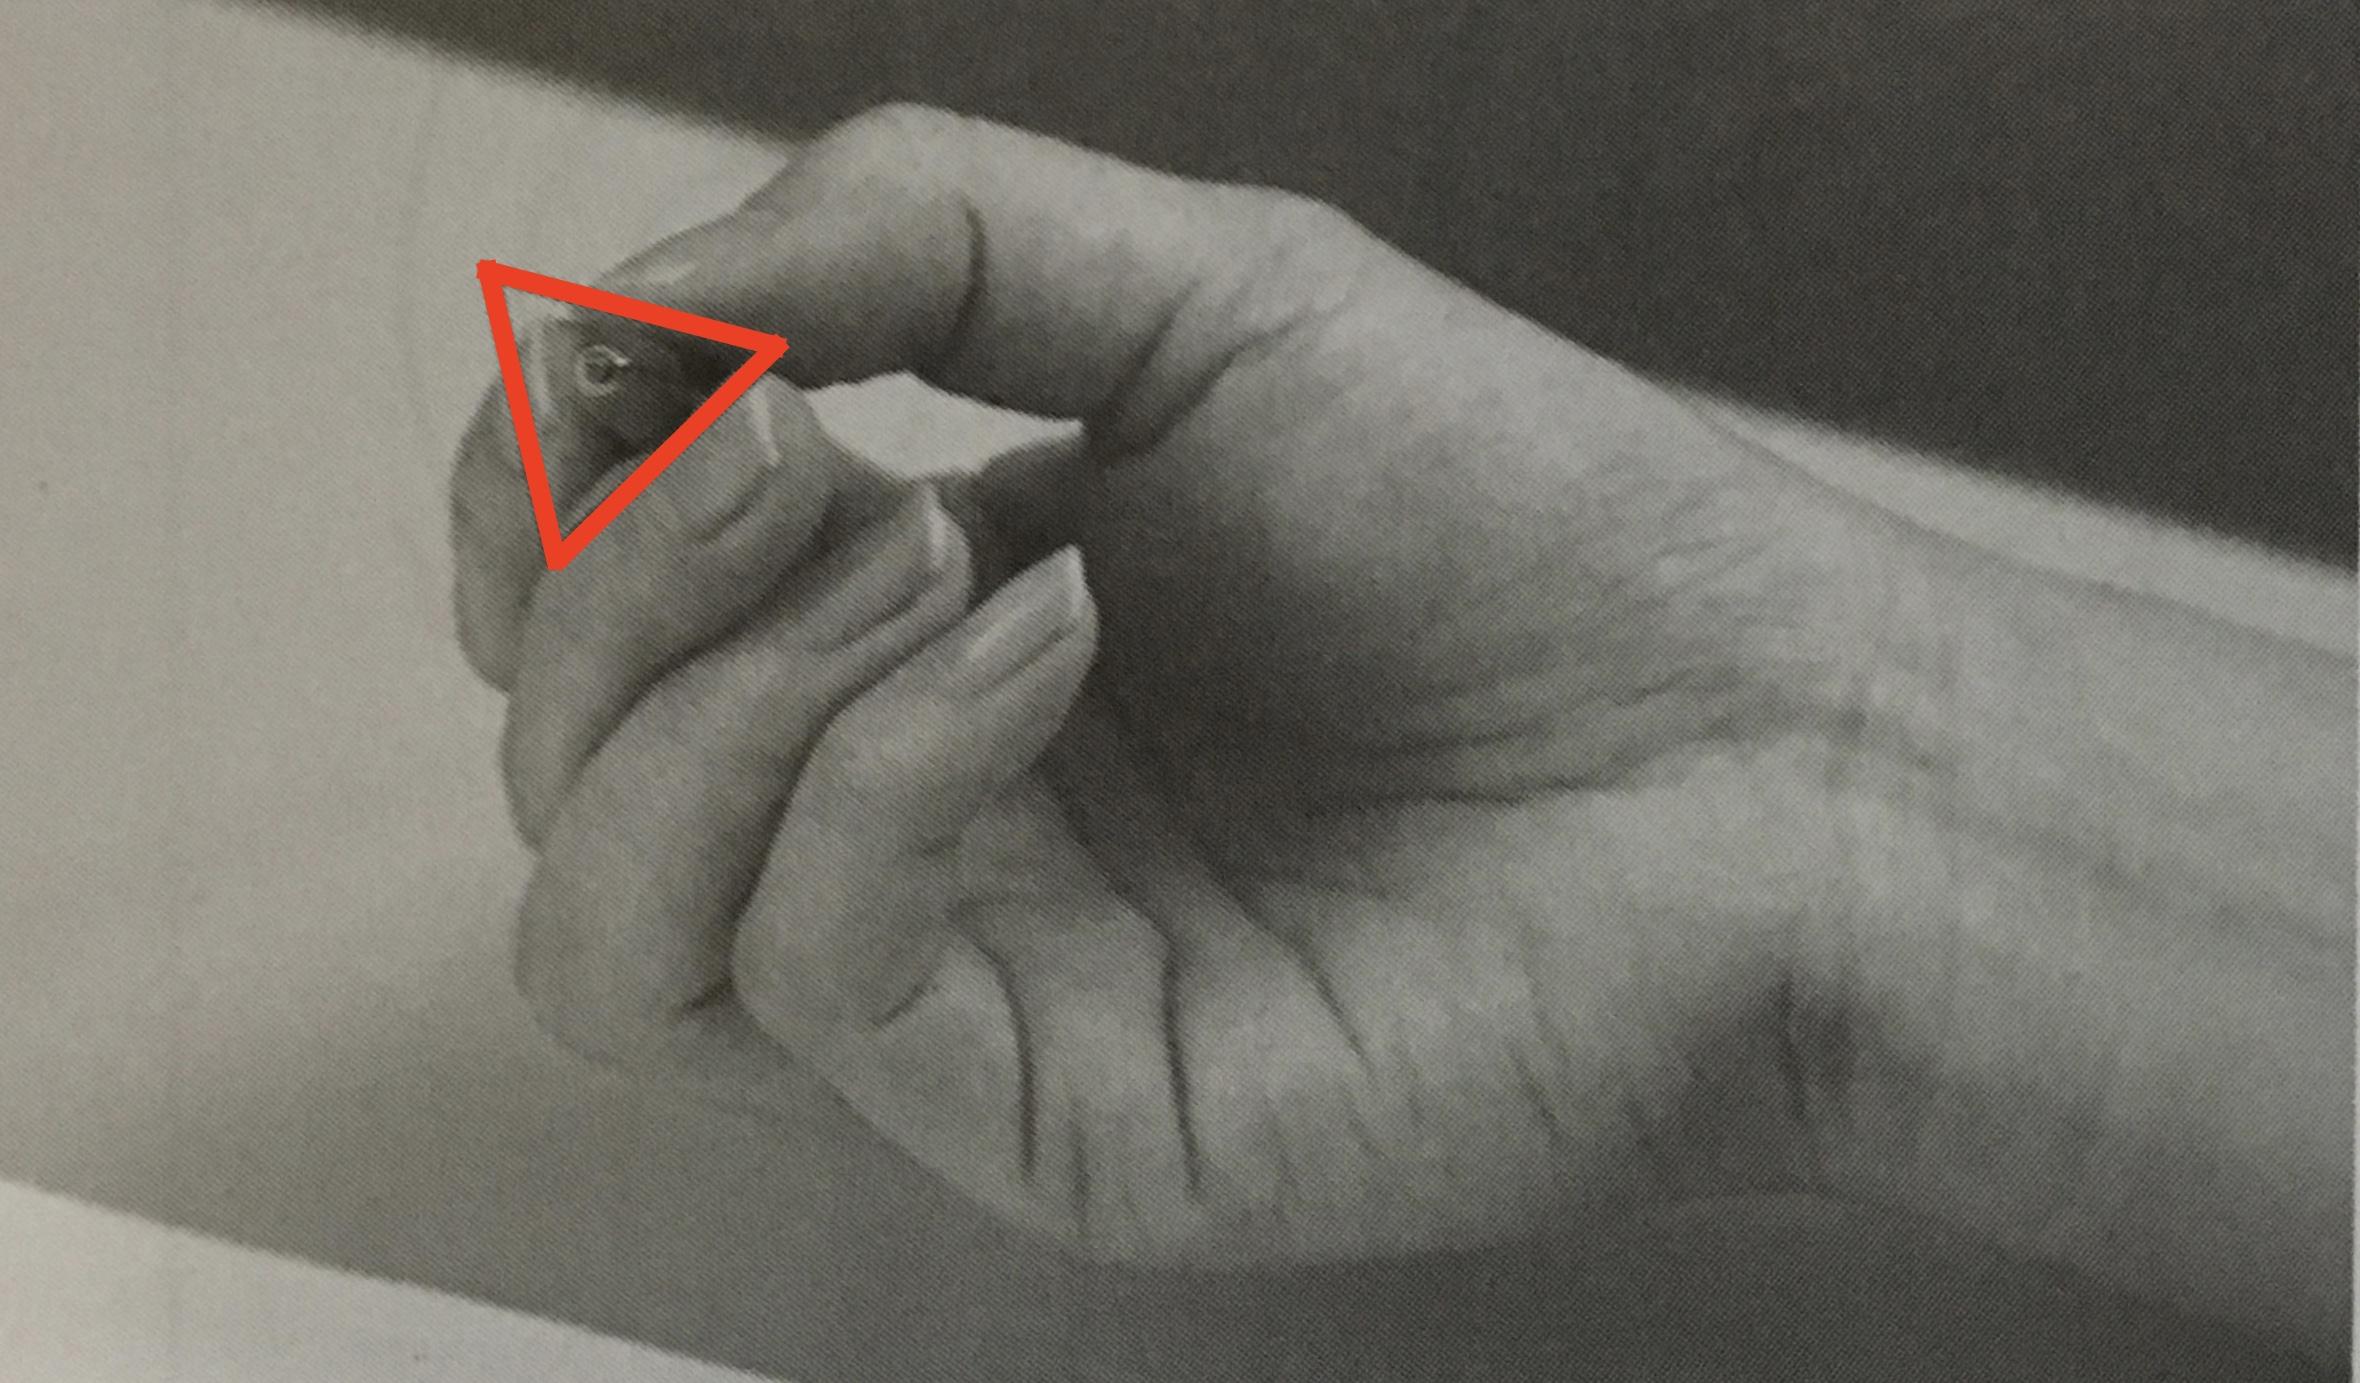 ペンの持ち方(三角形)